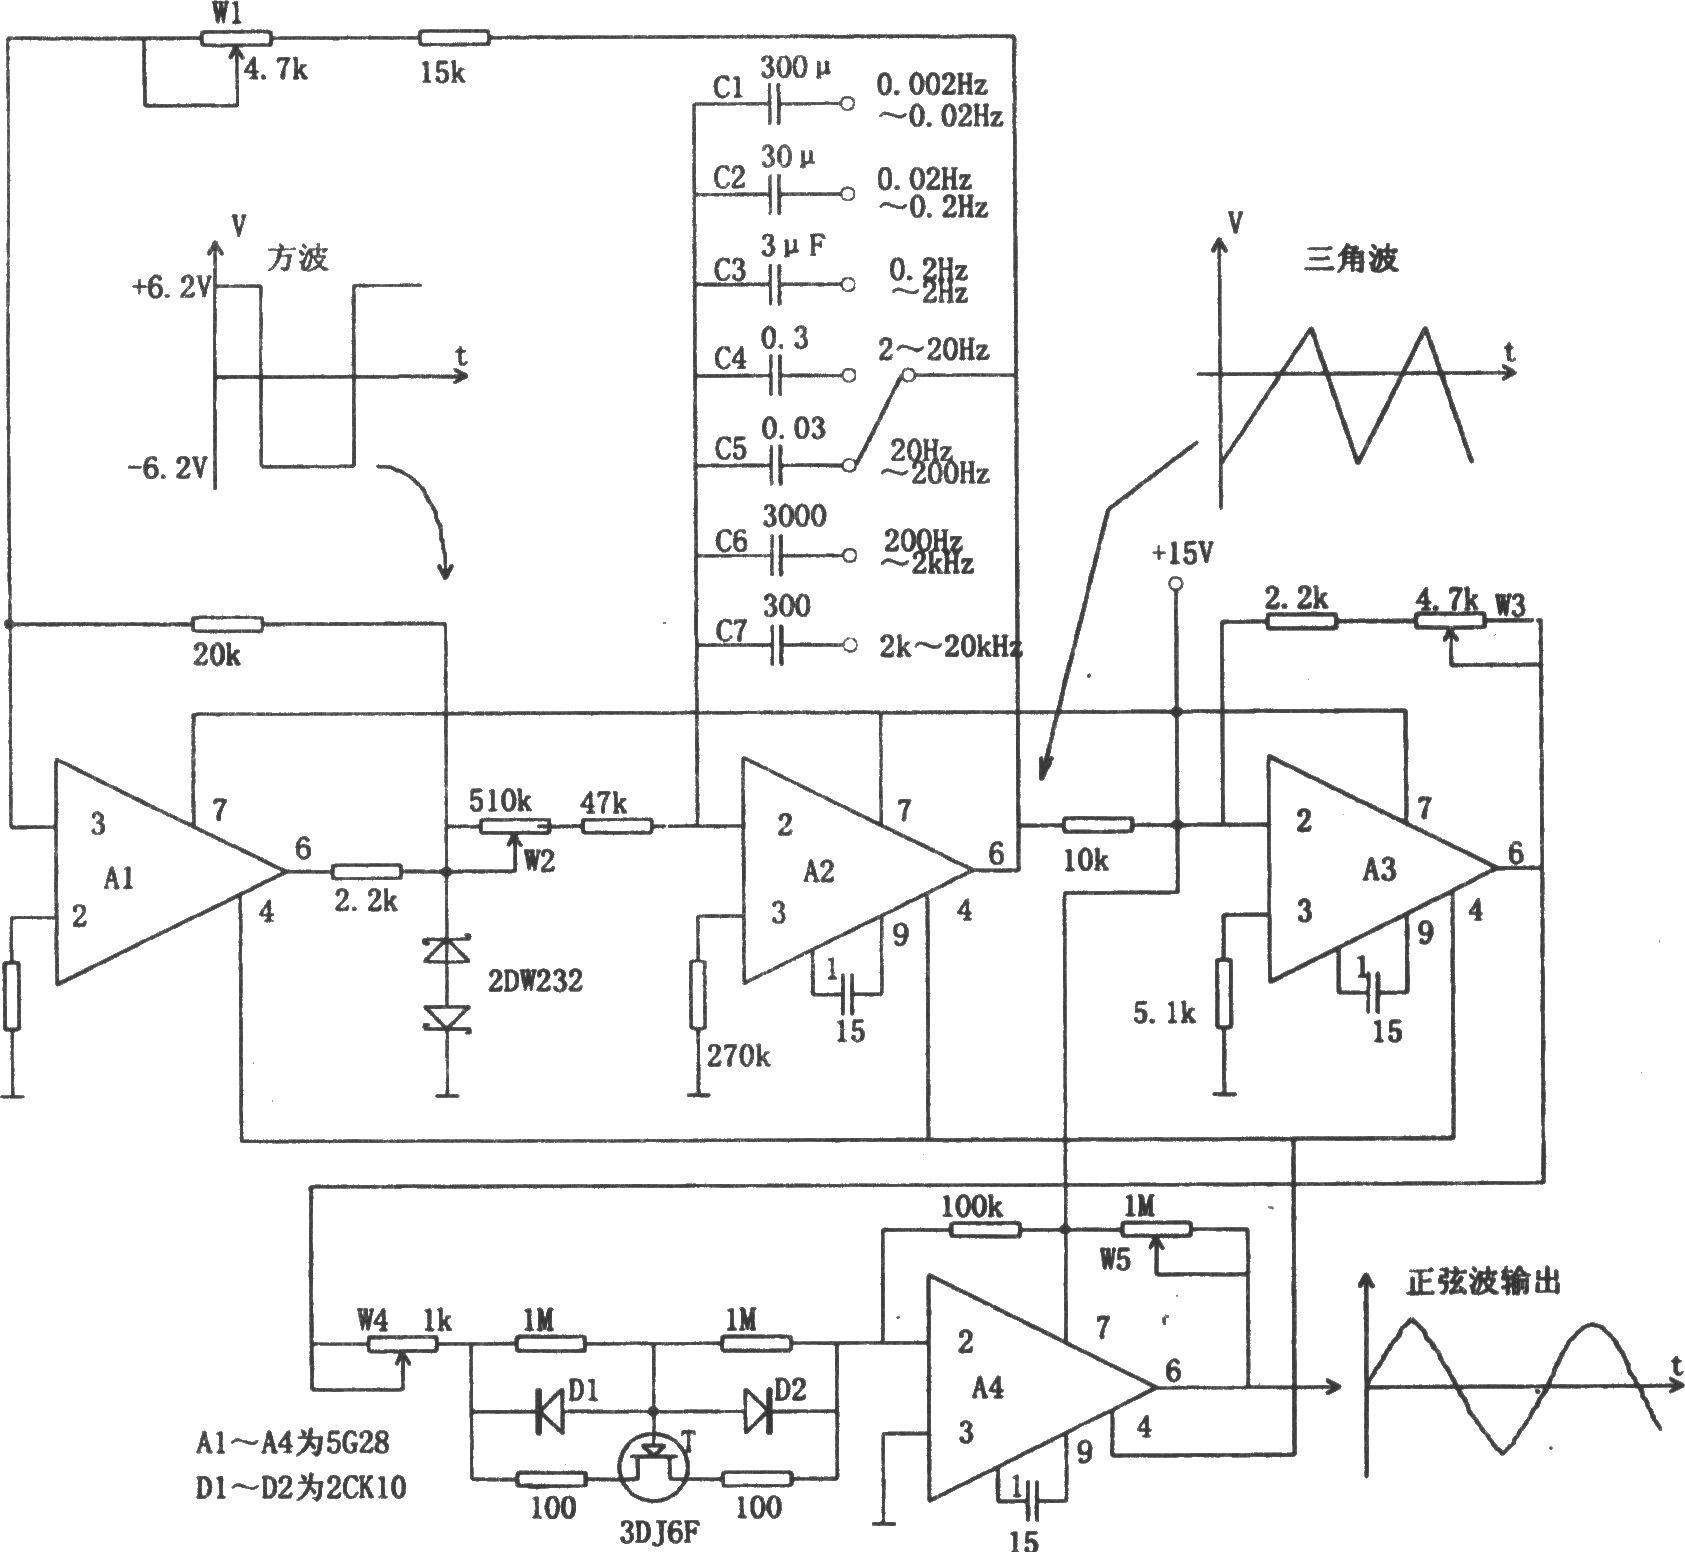 如图所示为性能较好的多种波形发生电路。该电路用四个高输入阻抗运算放大器,可以产生低频和超低频方波、三角波和正弦波。图中A1的作用是电压整形,A2组成积分器,积分电容由开关进行选择。A1和A2进行环状连接,构成典型的三角波、方波振荡器。A1的输出用稳压管稳定方波的幅度,同时也提高了整个振荡电路的稳定性。调节W1可以改变A2输出的三角波的峰峰值,而频率由切换积分电容进行粗调,由电位器W2进行细调。A3组成反相器,一方面将三角波缓冲输出,另一方面由W3调节幅度,以便与A4正弦波转化电路进行匹配。场效应管T处于